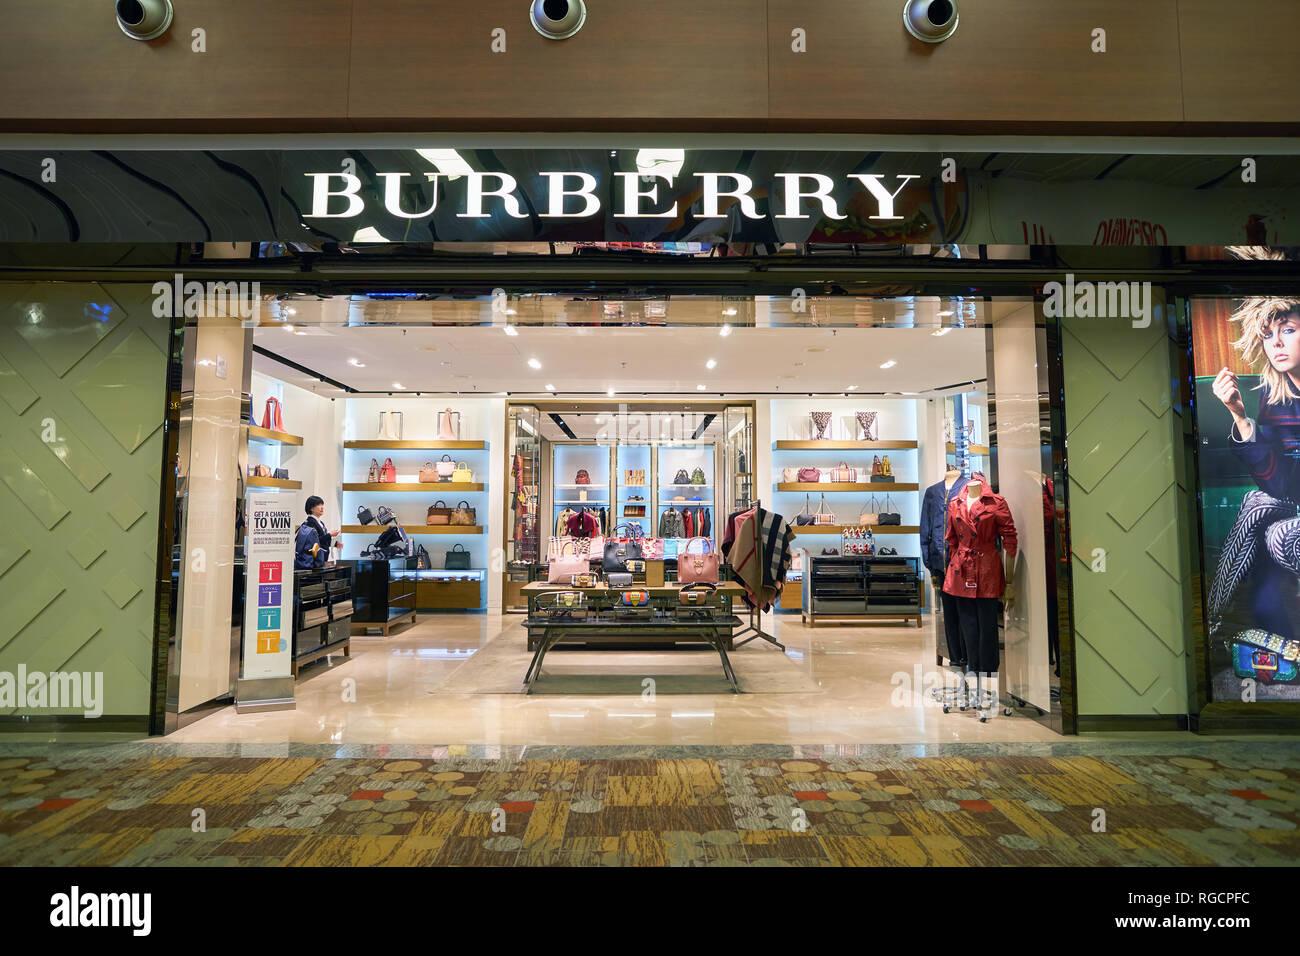 d6199ffde8 Singapour - circa 2016 SEPTEMBRE : Burberry magasin à l'aéroport de  Singapour Changi.